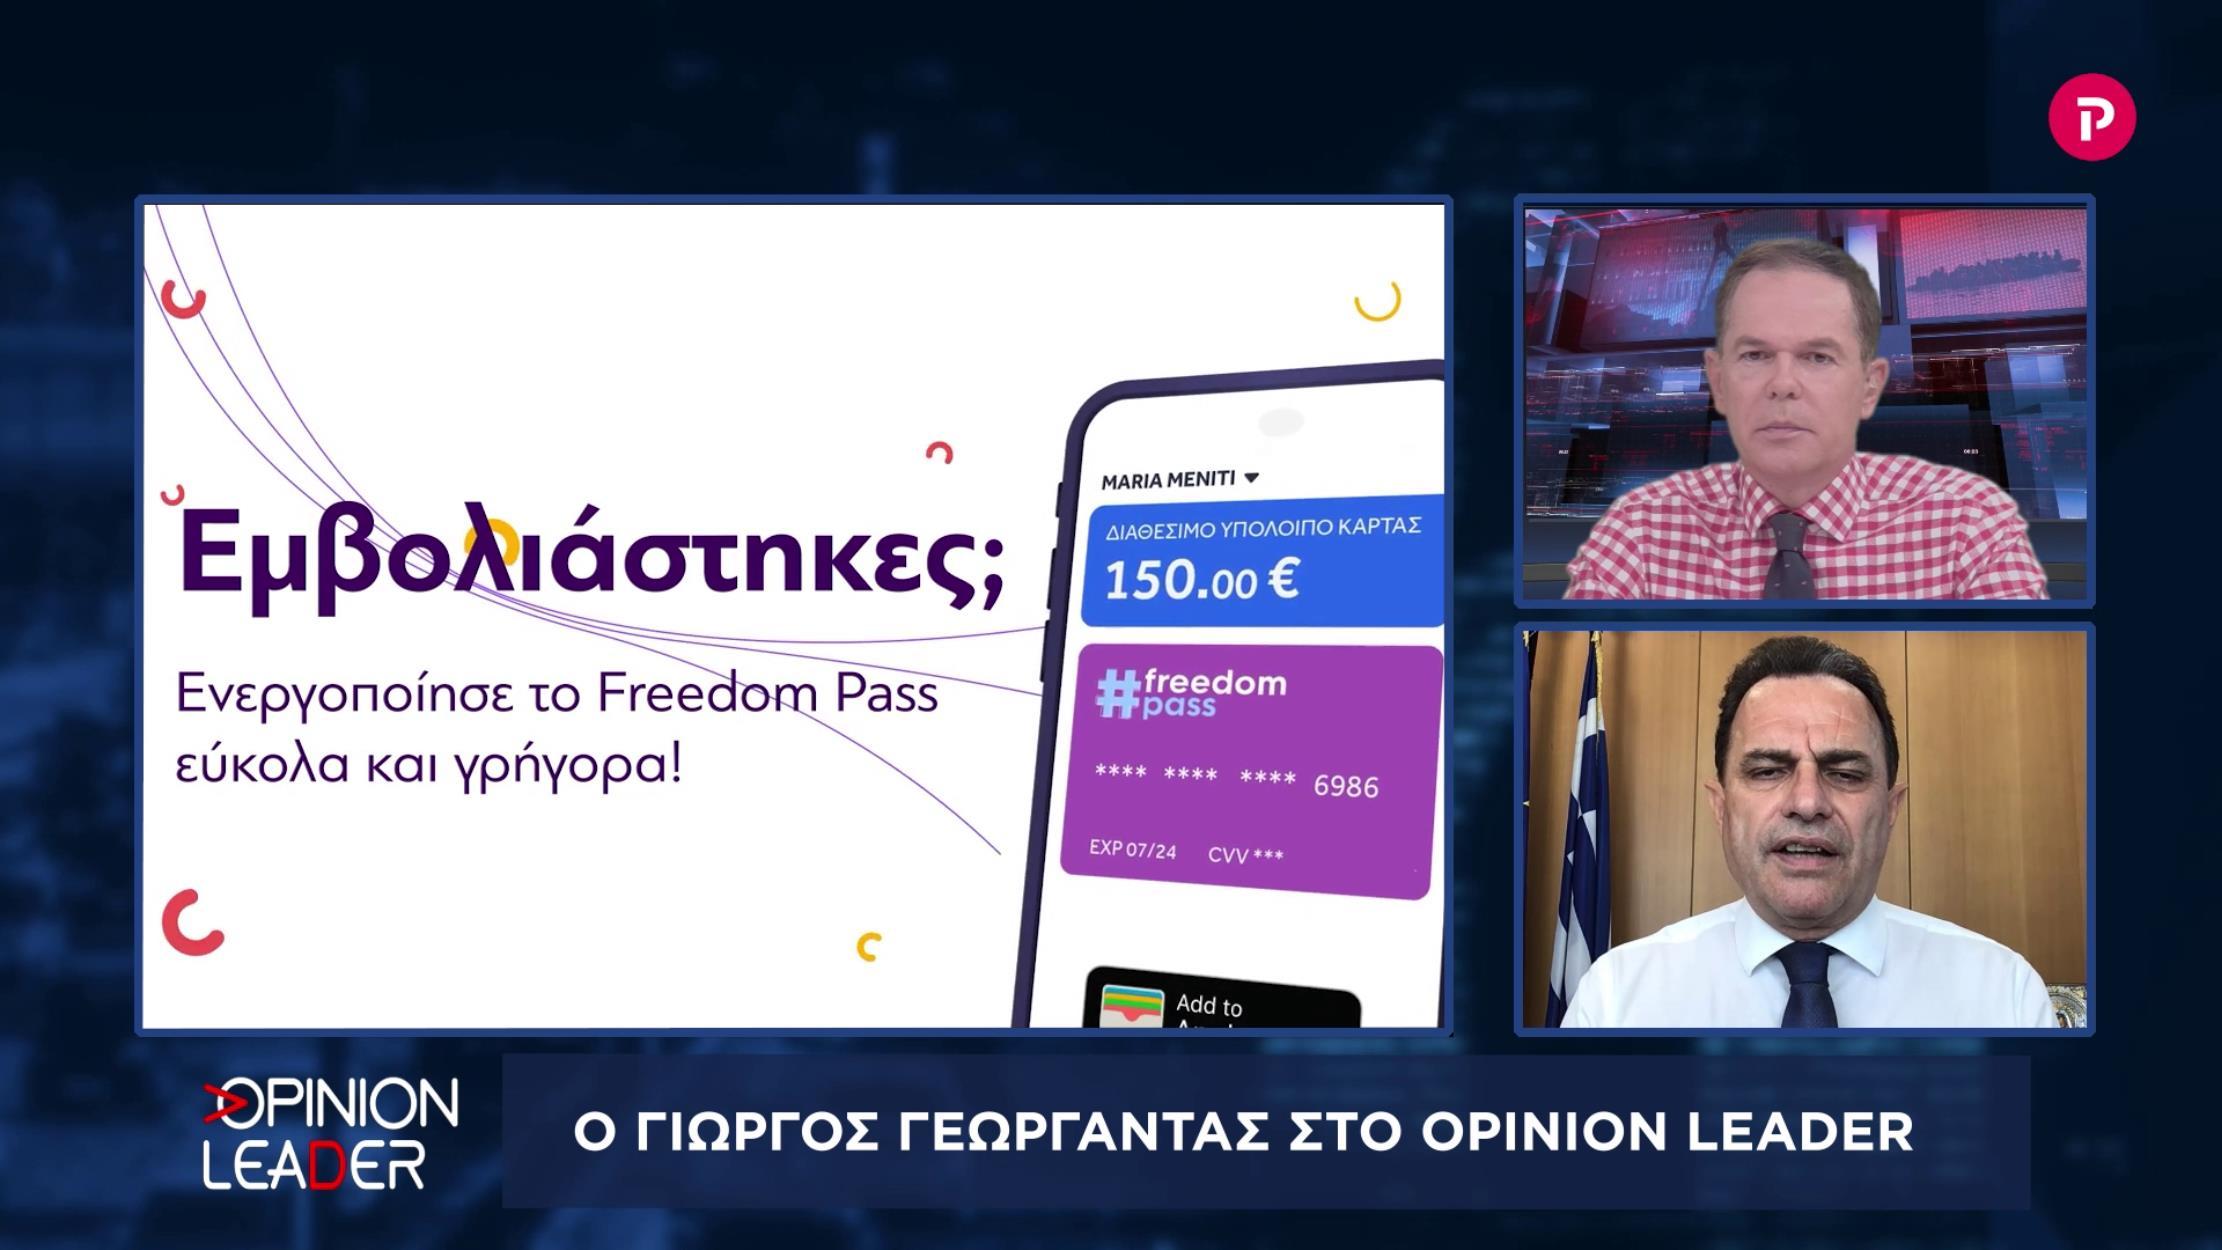 Γιώργος Γεωργαντάς στο pagenews.gr